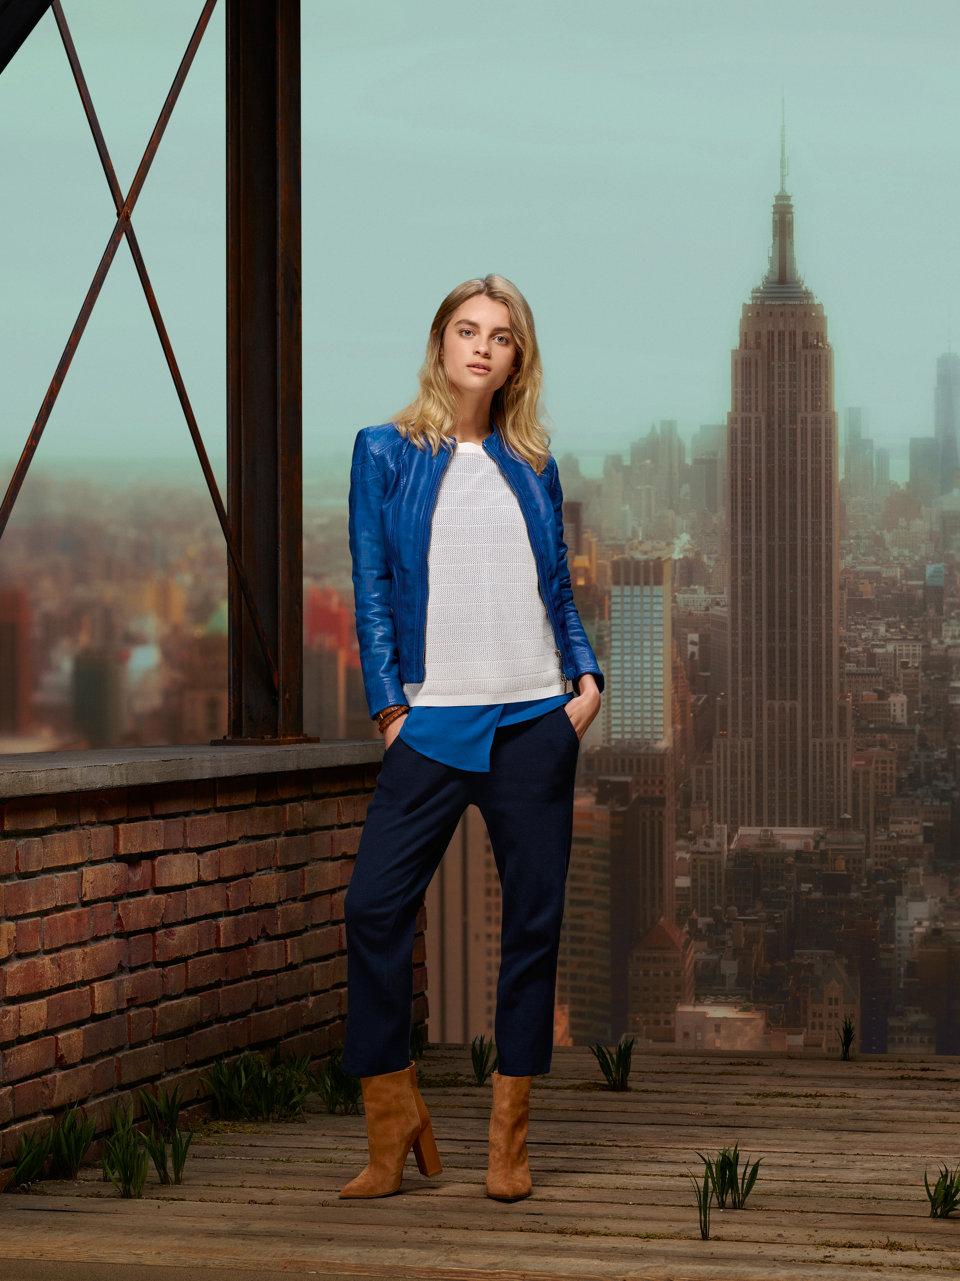 Blaue Lederjacke und weißer Pullover vonBOSSOrange